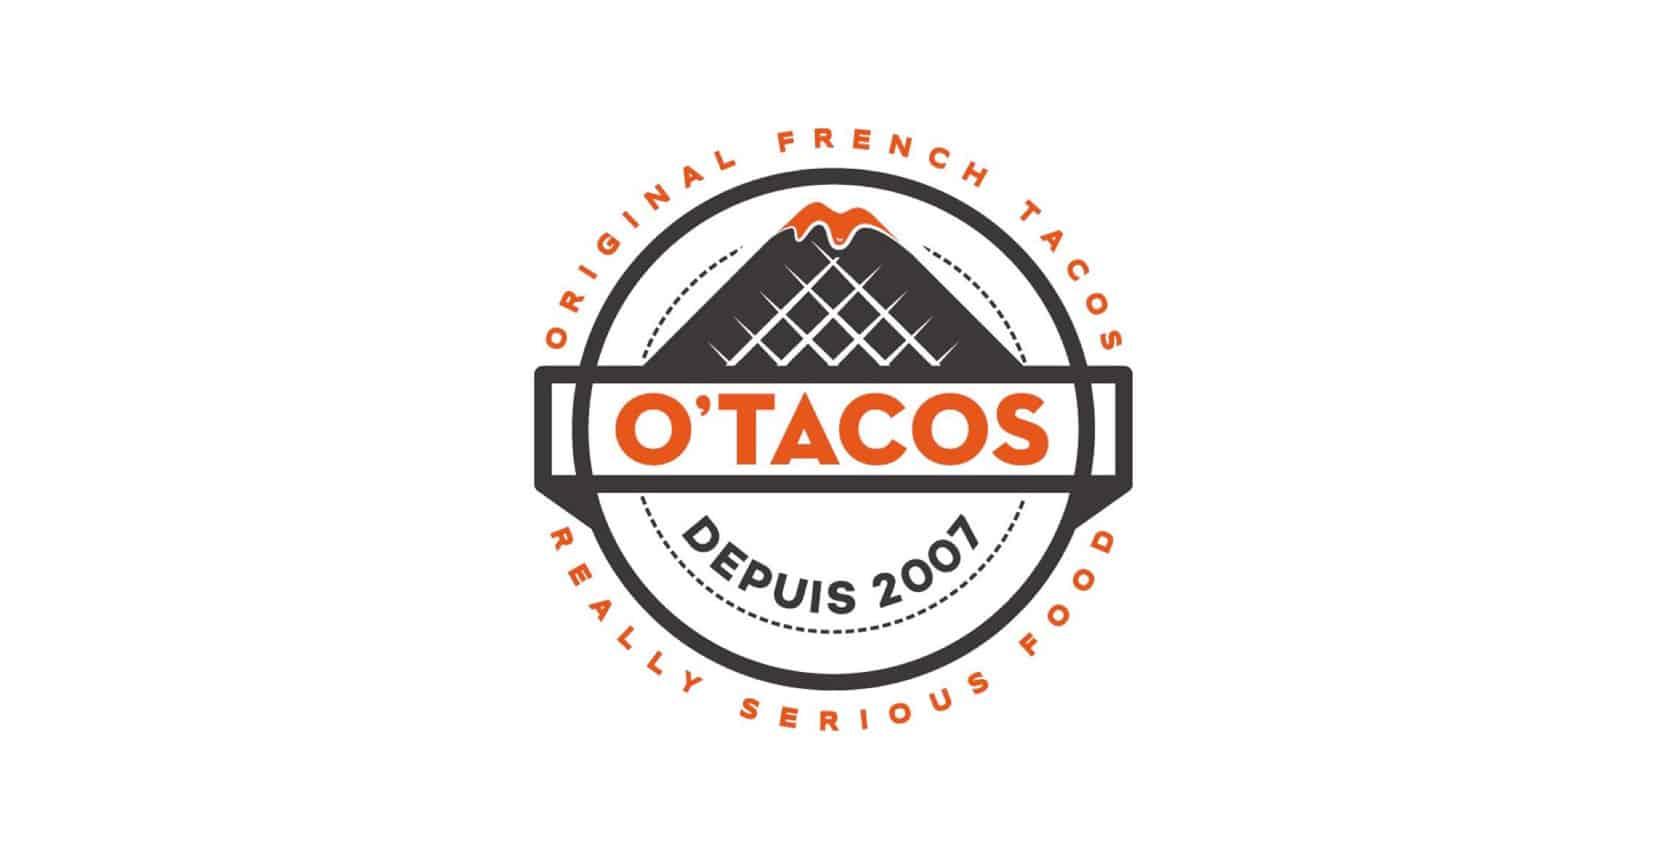 Logo O'Tacos